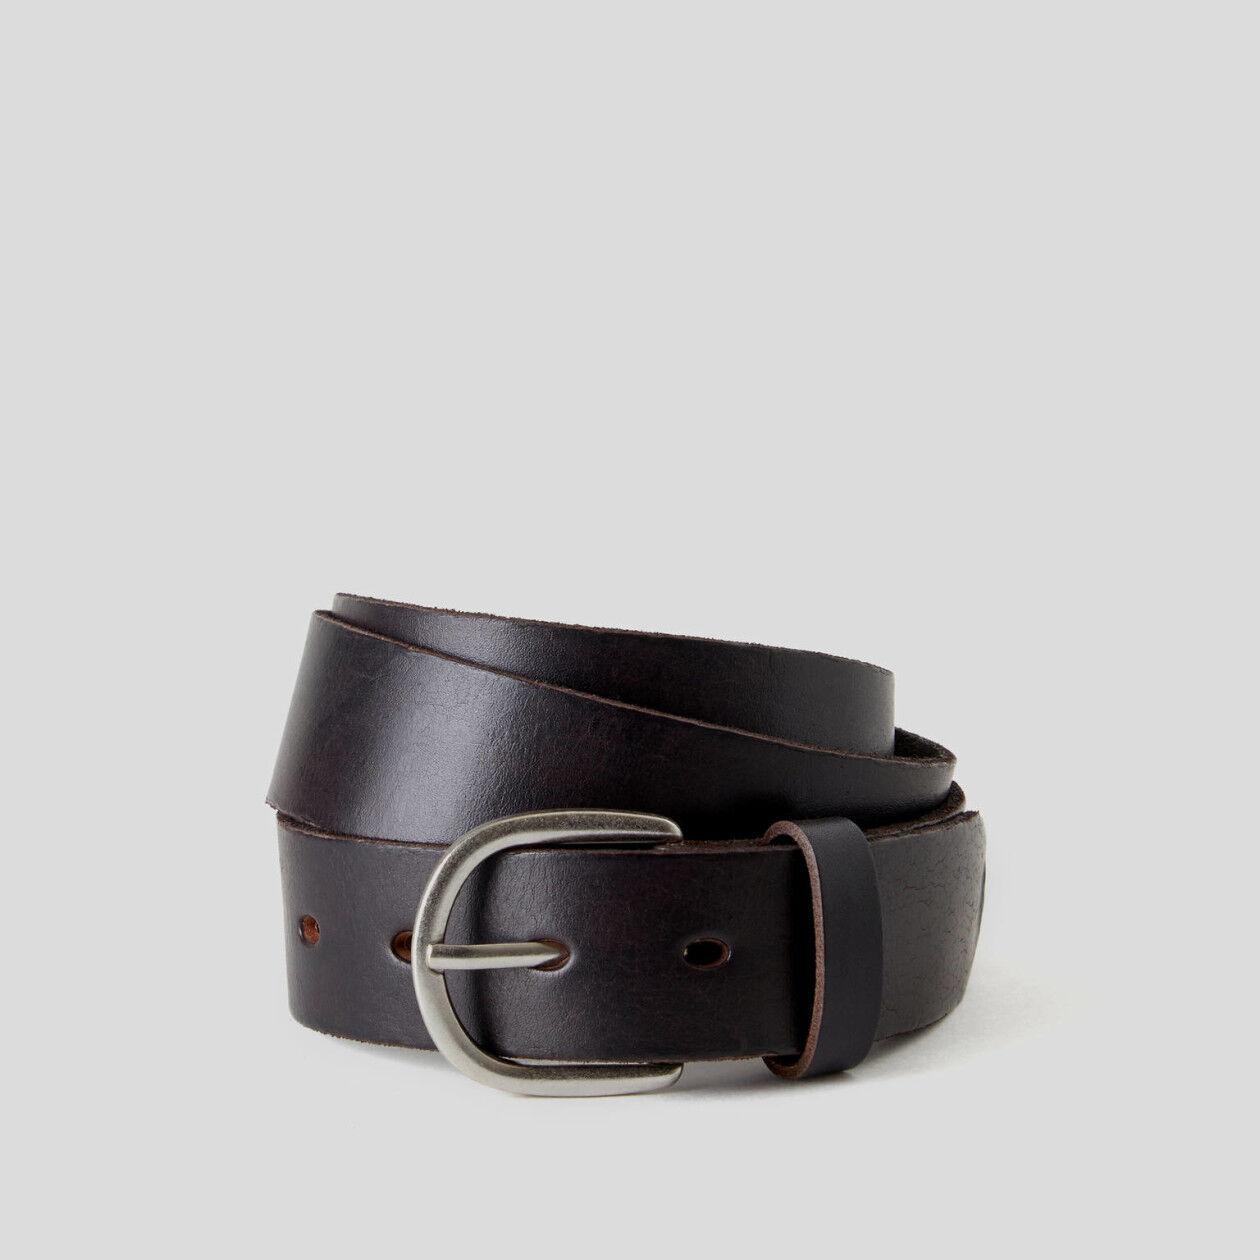 Cinturón de piel auténtica